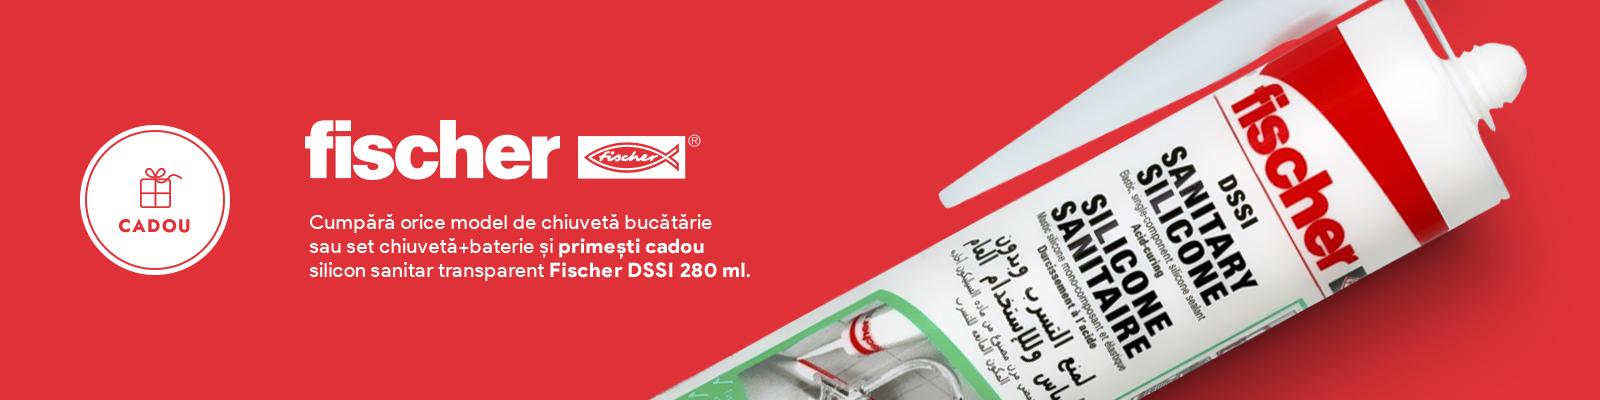 CADOU - Silicon sanitar Fischer DSSI 280 ml transparent